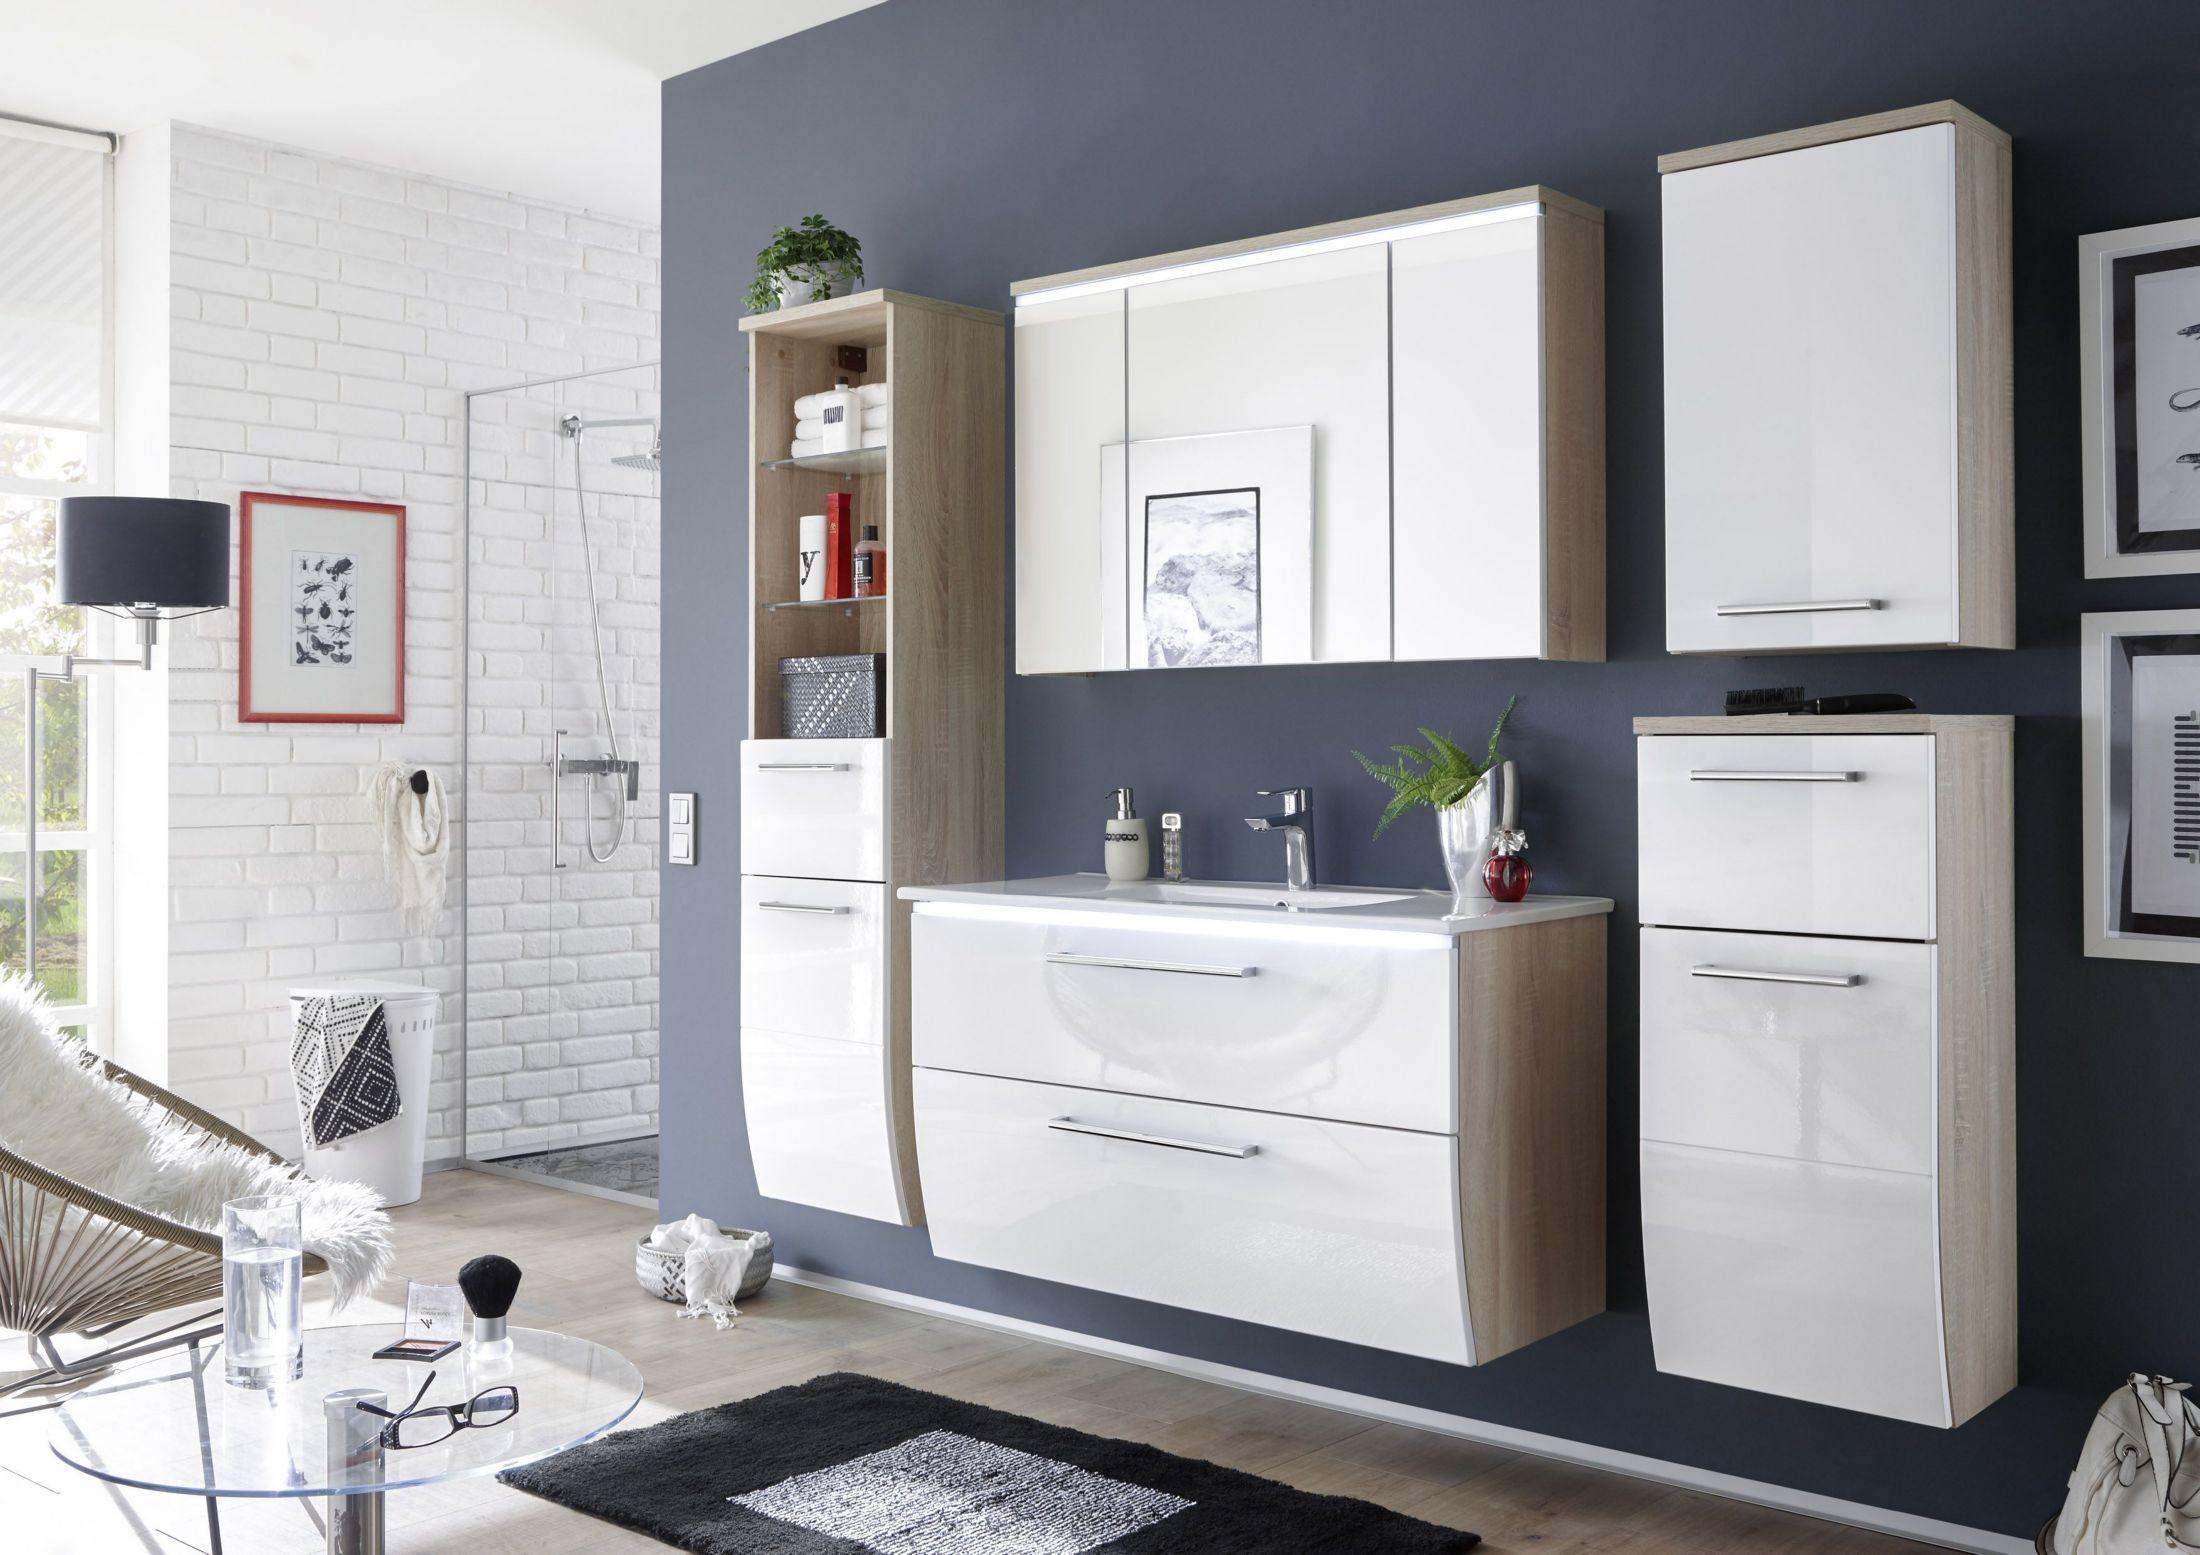 Badezimmer 5tlg Sonoma Weiss Mit Beleuchtung Woody 32 00231 Holz Modern Jetzt Bestellen Unter Https Moebel L Badezimmer Komplett Badezimmer Badezimmer Set